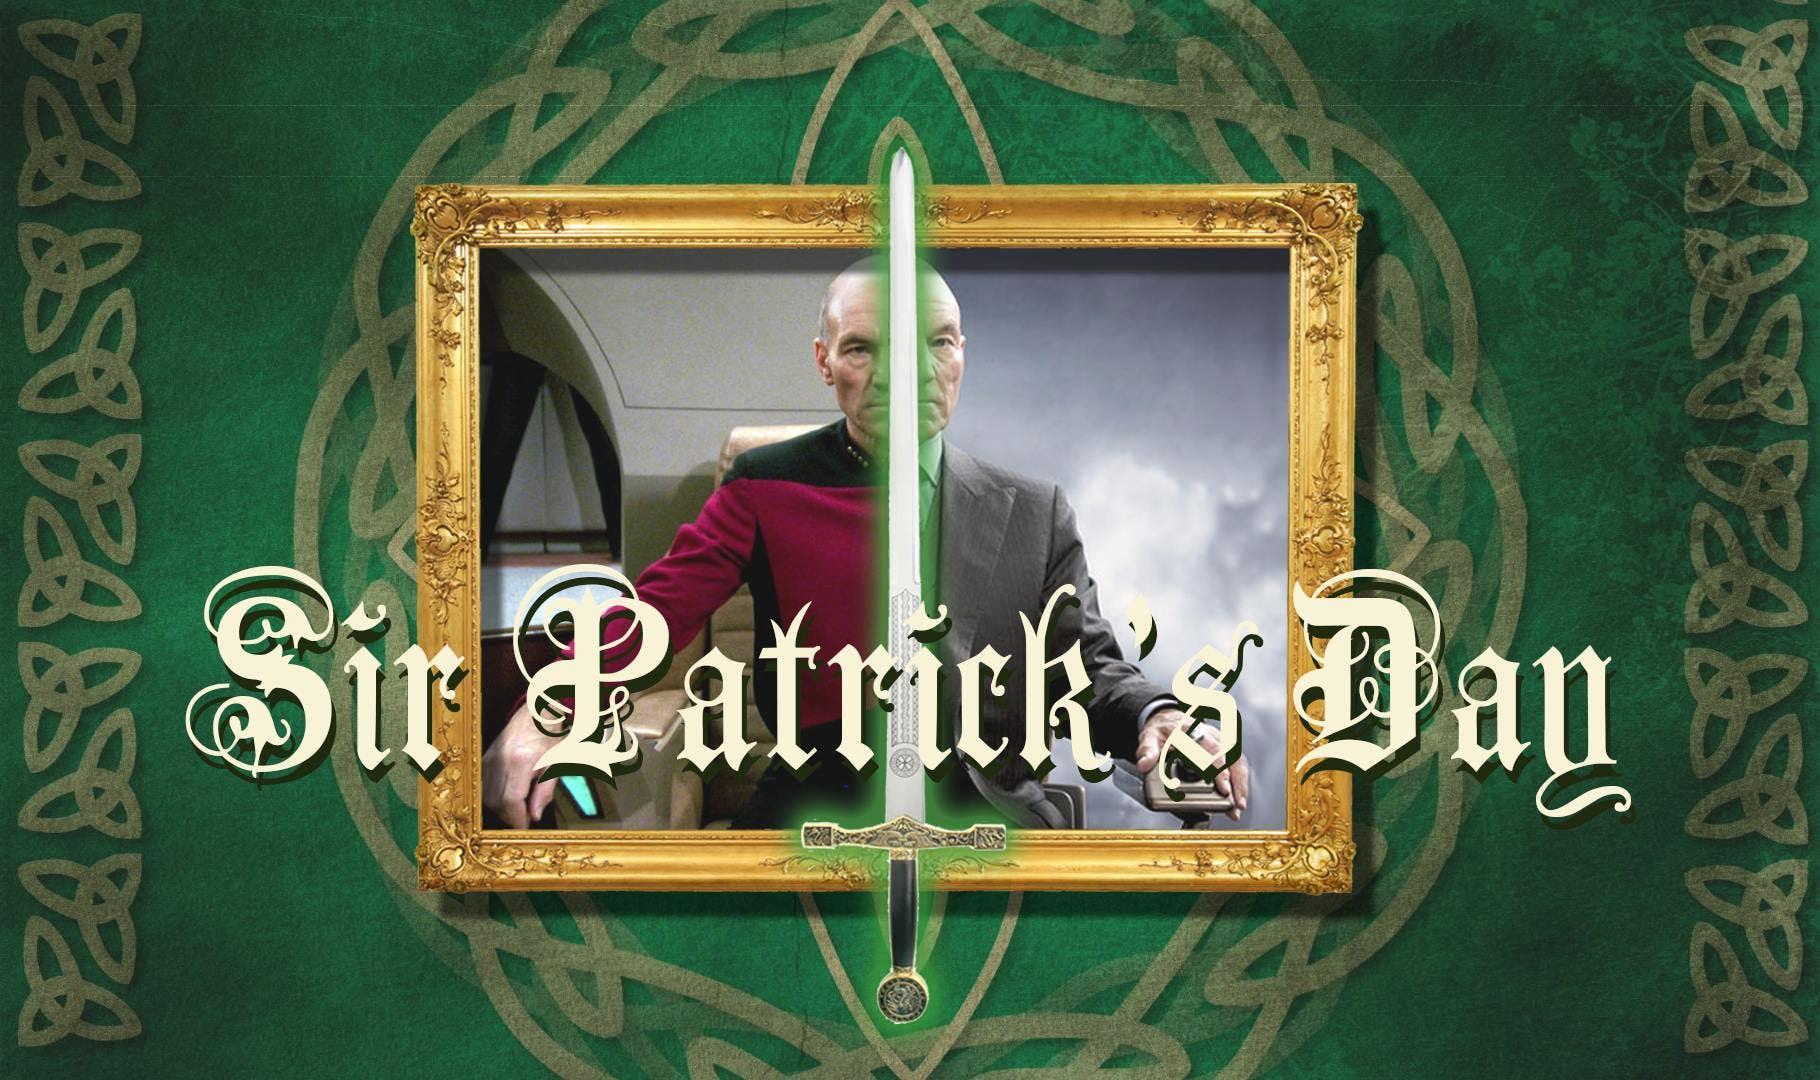 Sir Patrick's Day at Scum & Villainy Cantina